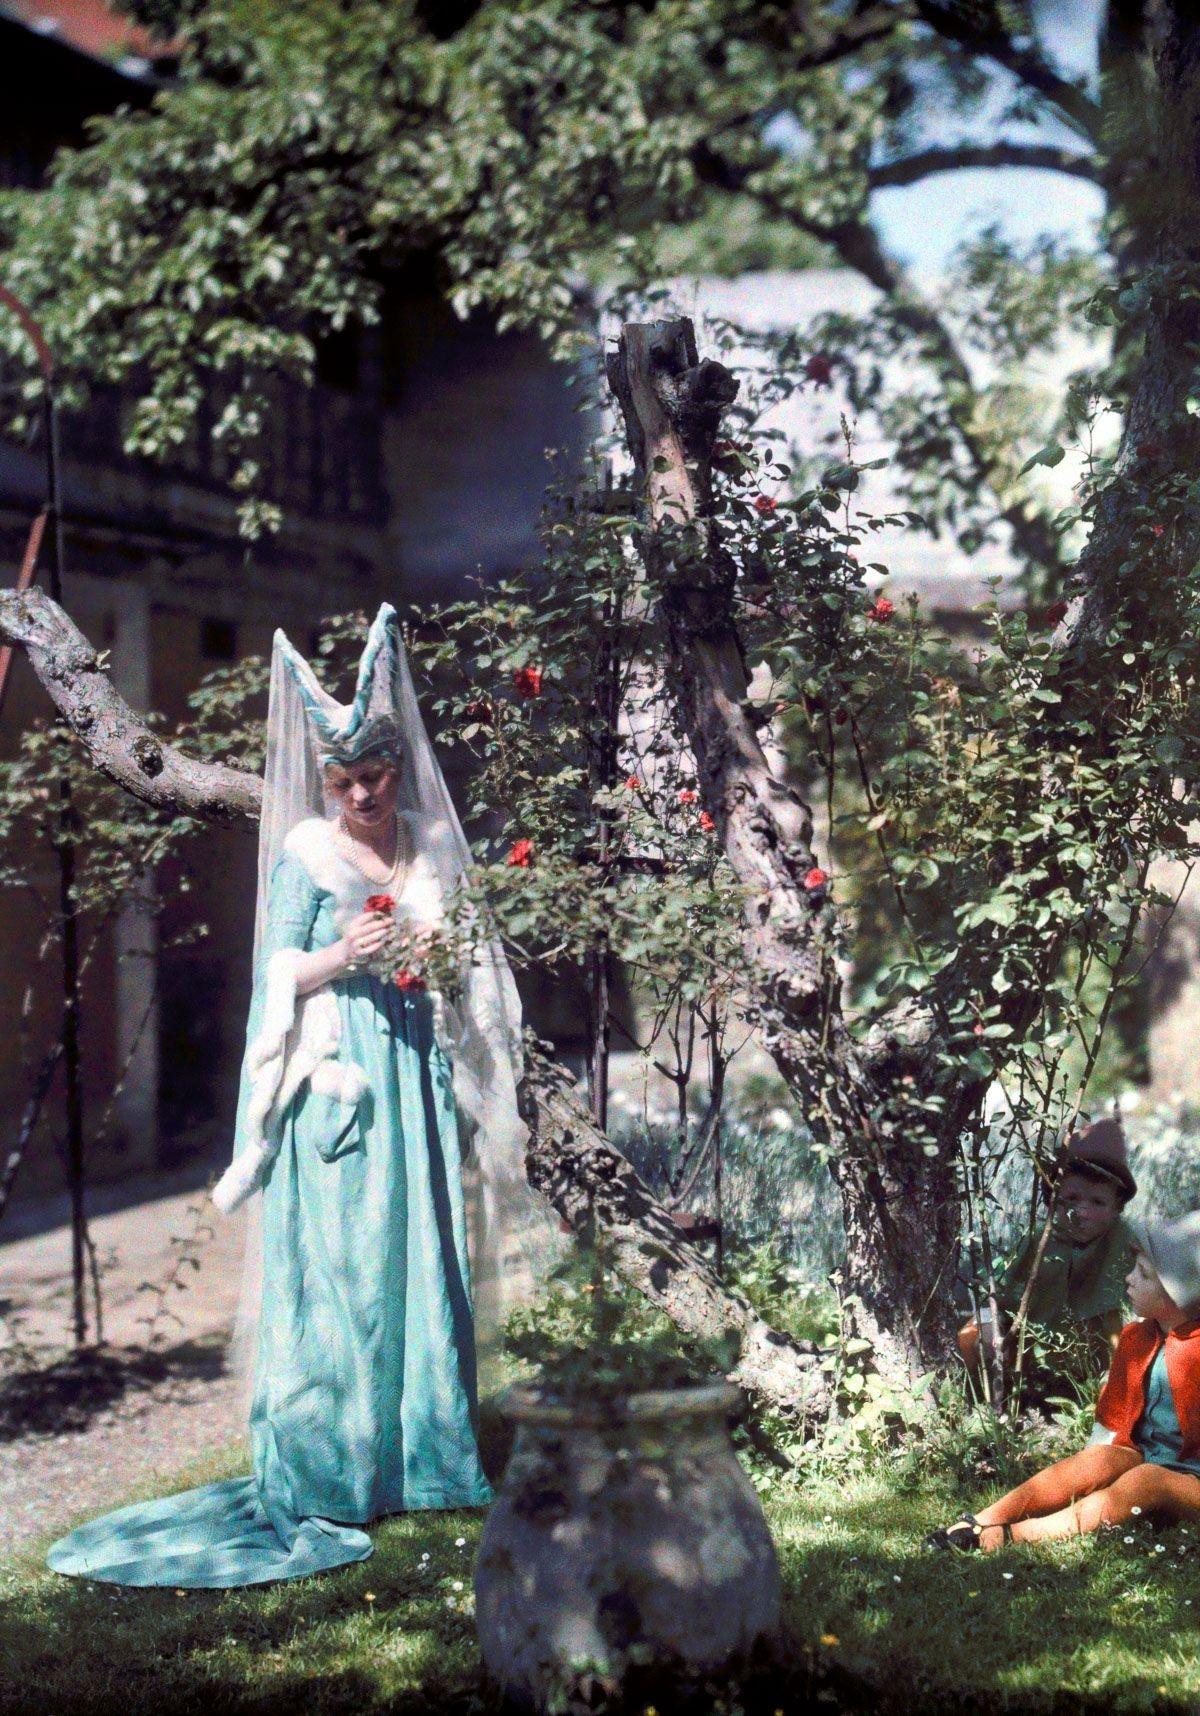 Este festival de 1936 de Joana d'Arc tinha cosplays muito bons inclusive para a atualidade 13